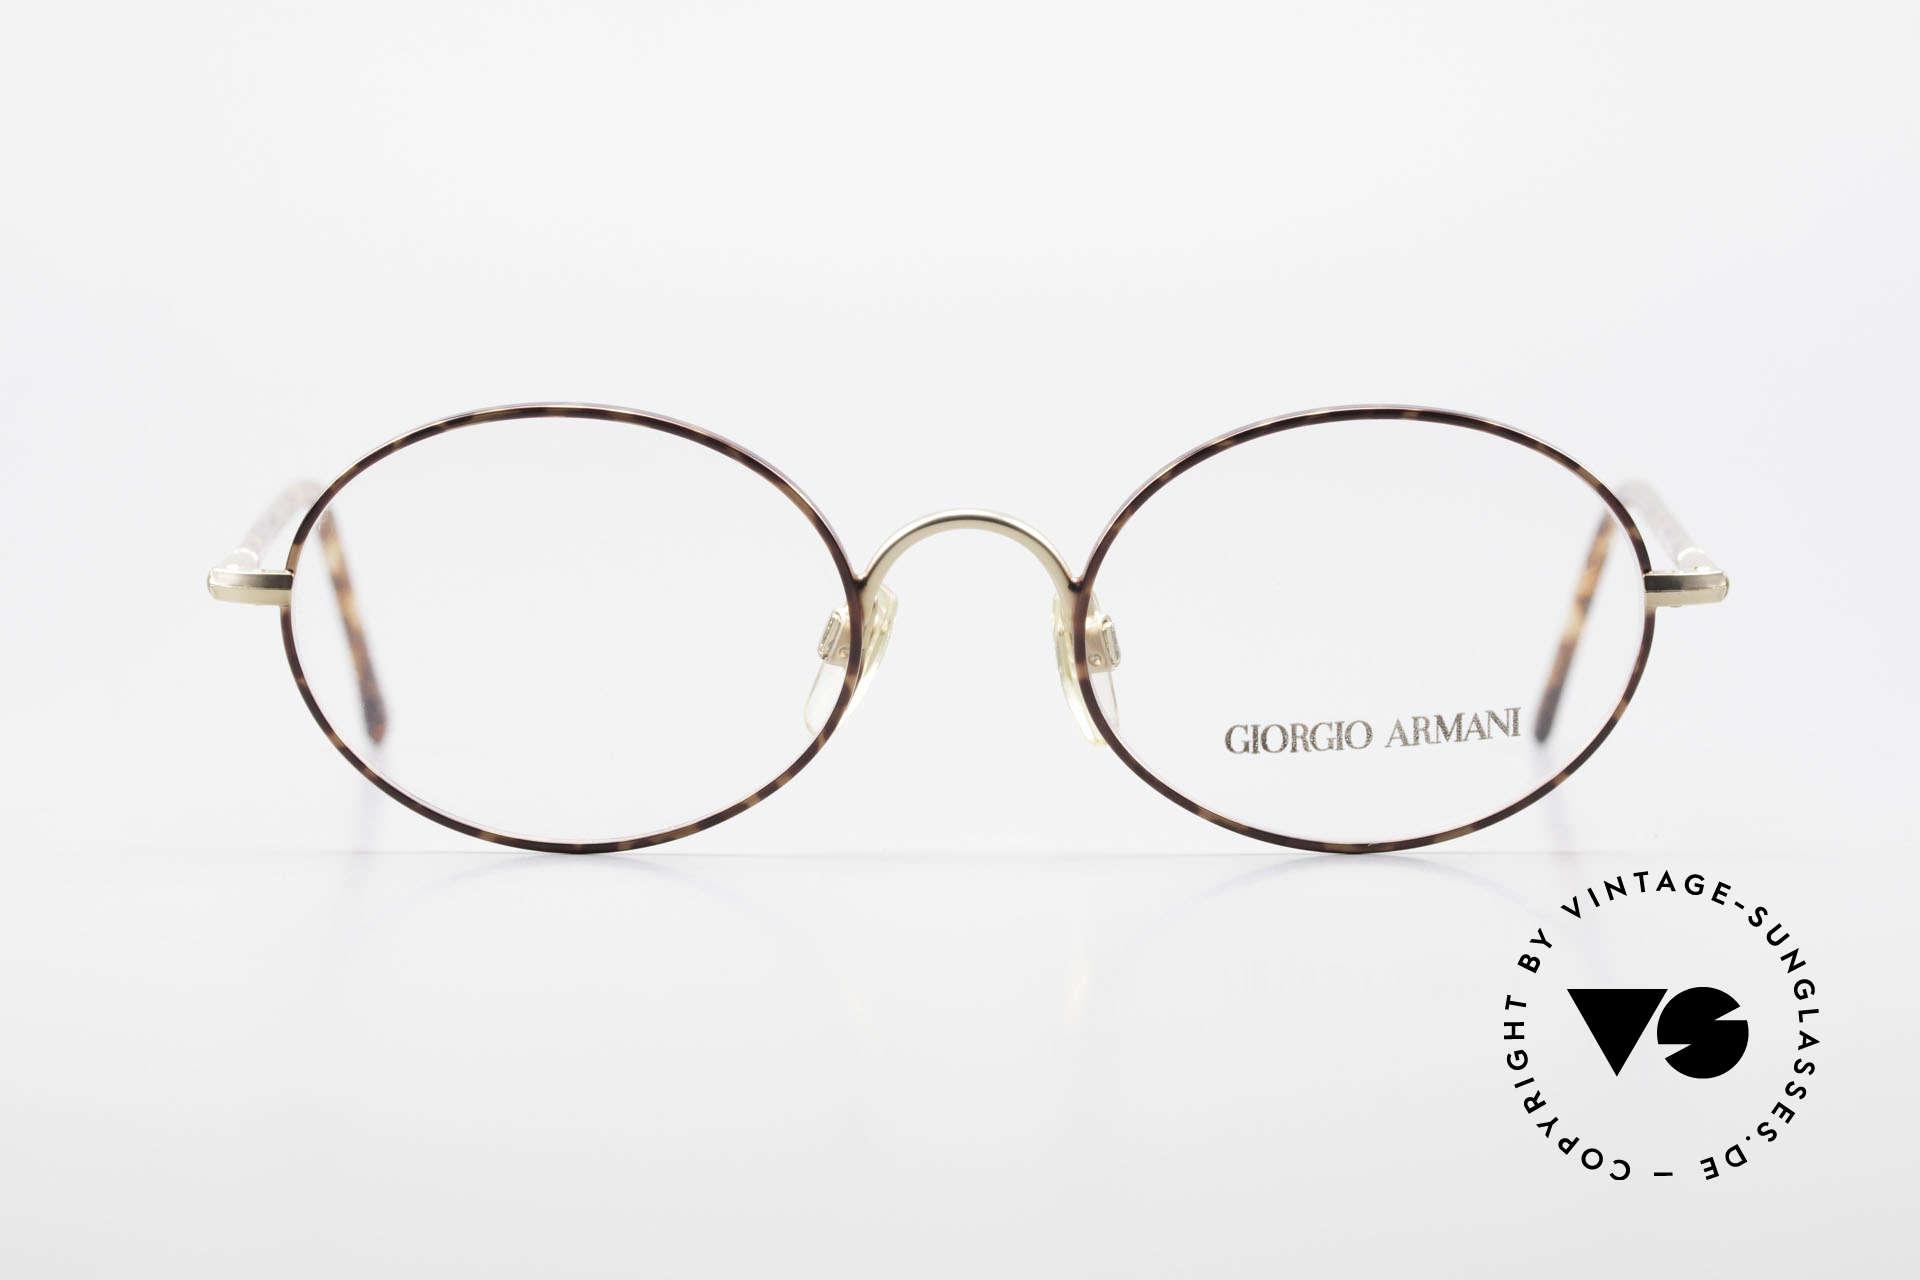 Giorgio Armani 189 Ovale Designerbrille 1990er, fühlbare Top-Qualität mit Federscharnieren, Gr. 50/19, Passend für Herren